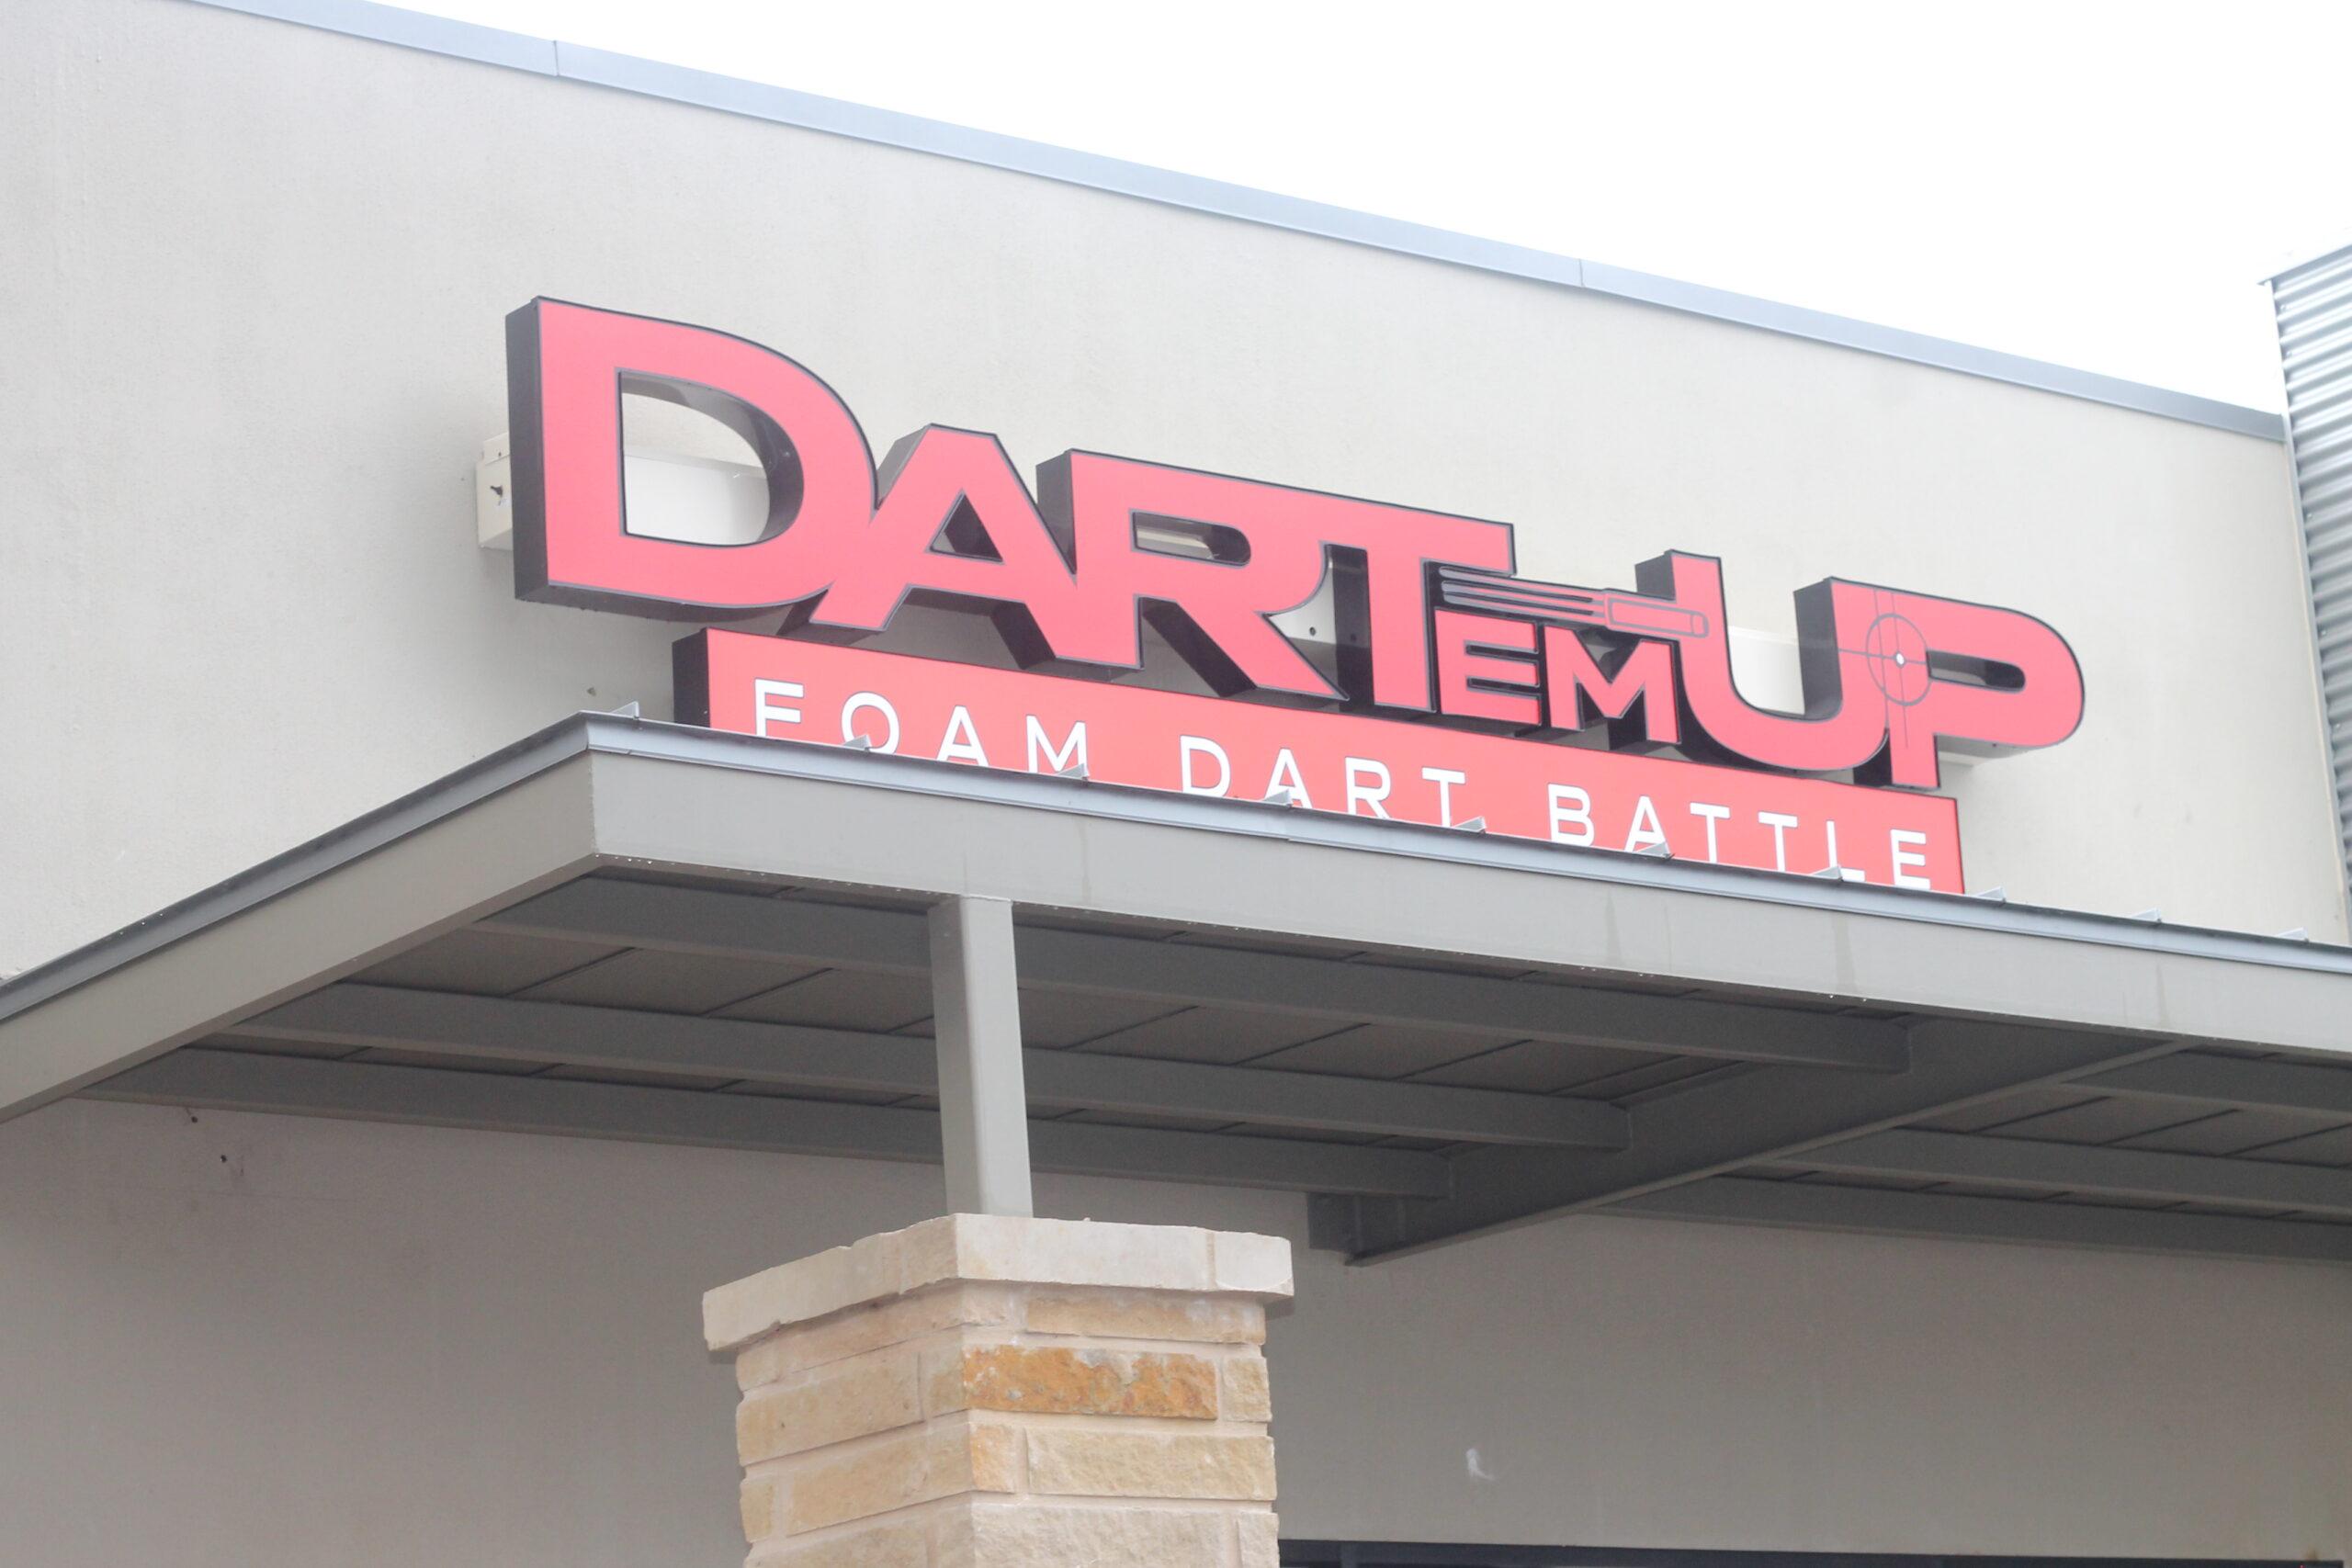 5 Tips For Visiting Dart'em Up